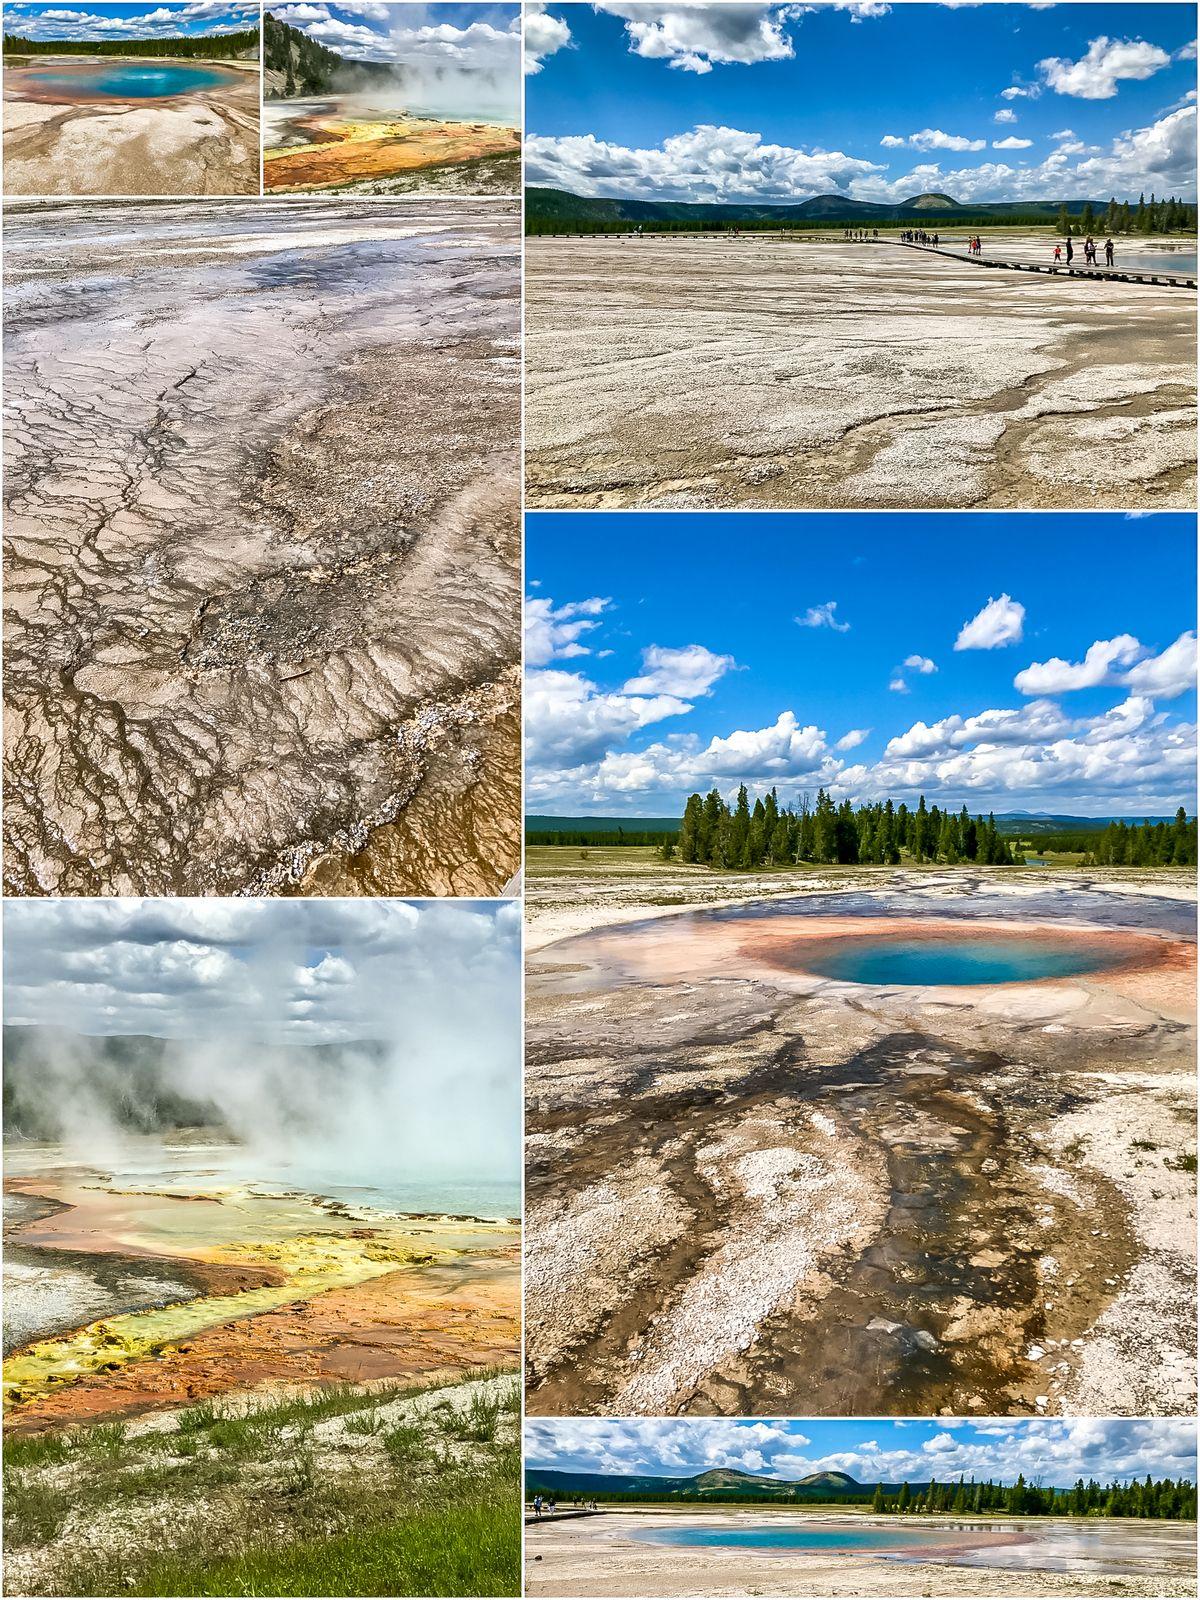 Midway Geyser Basin to największa atrakcja na szlaku gejzerów w Parku Yellowstone